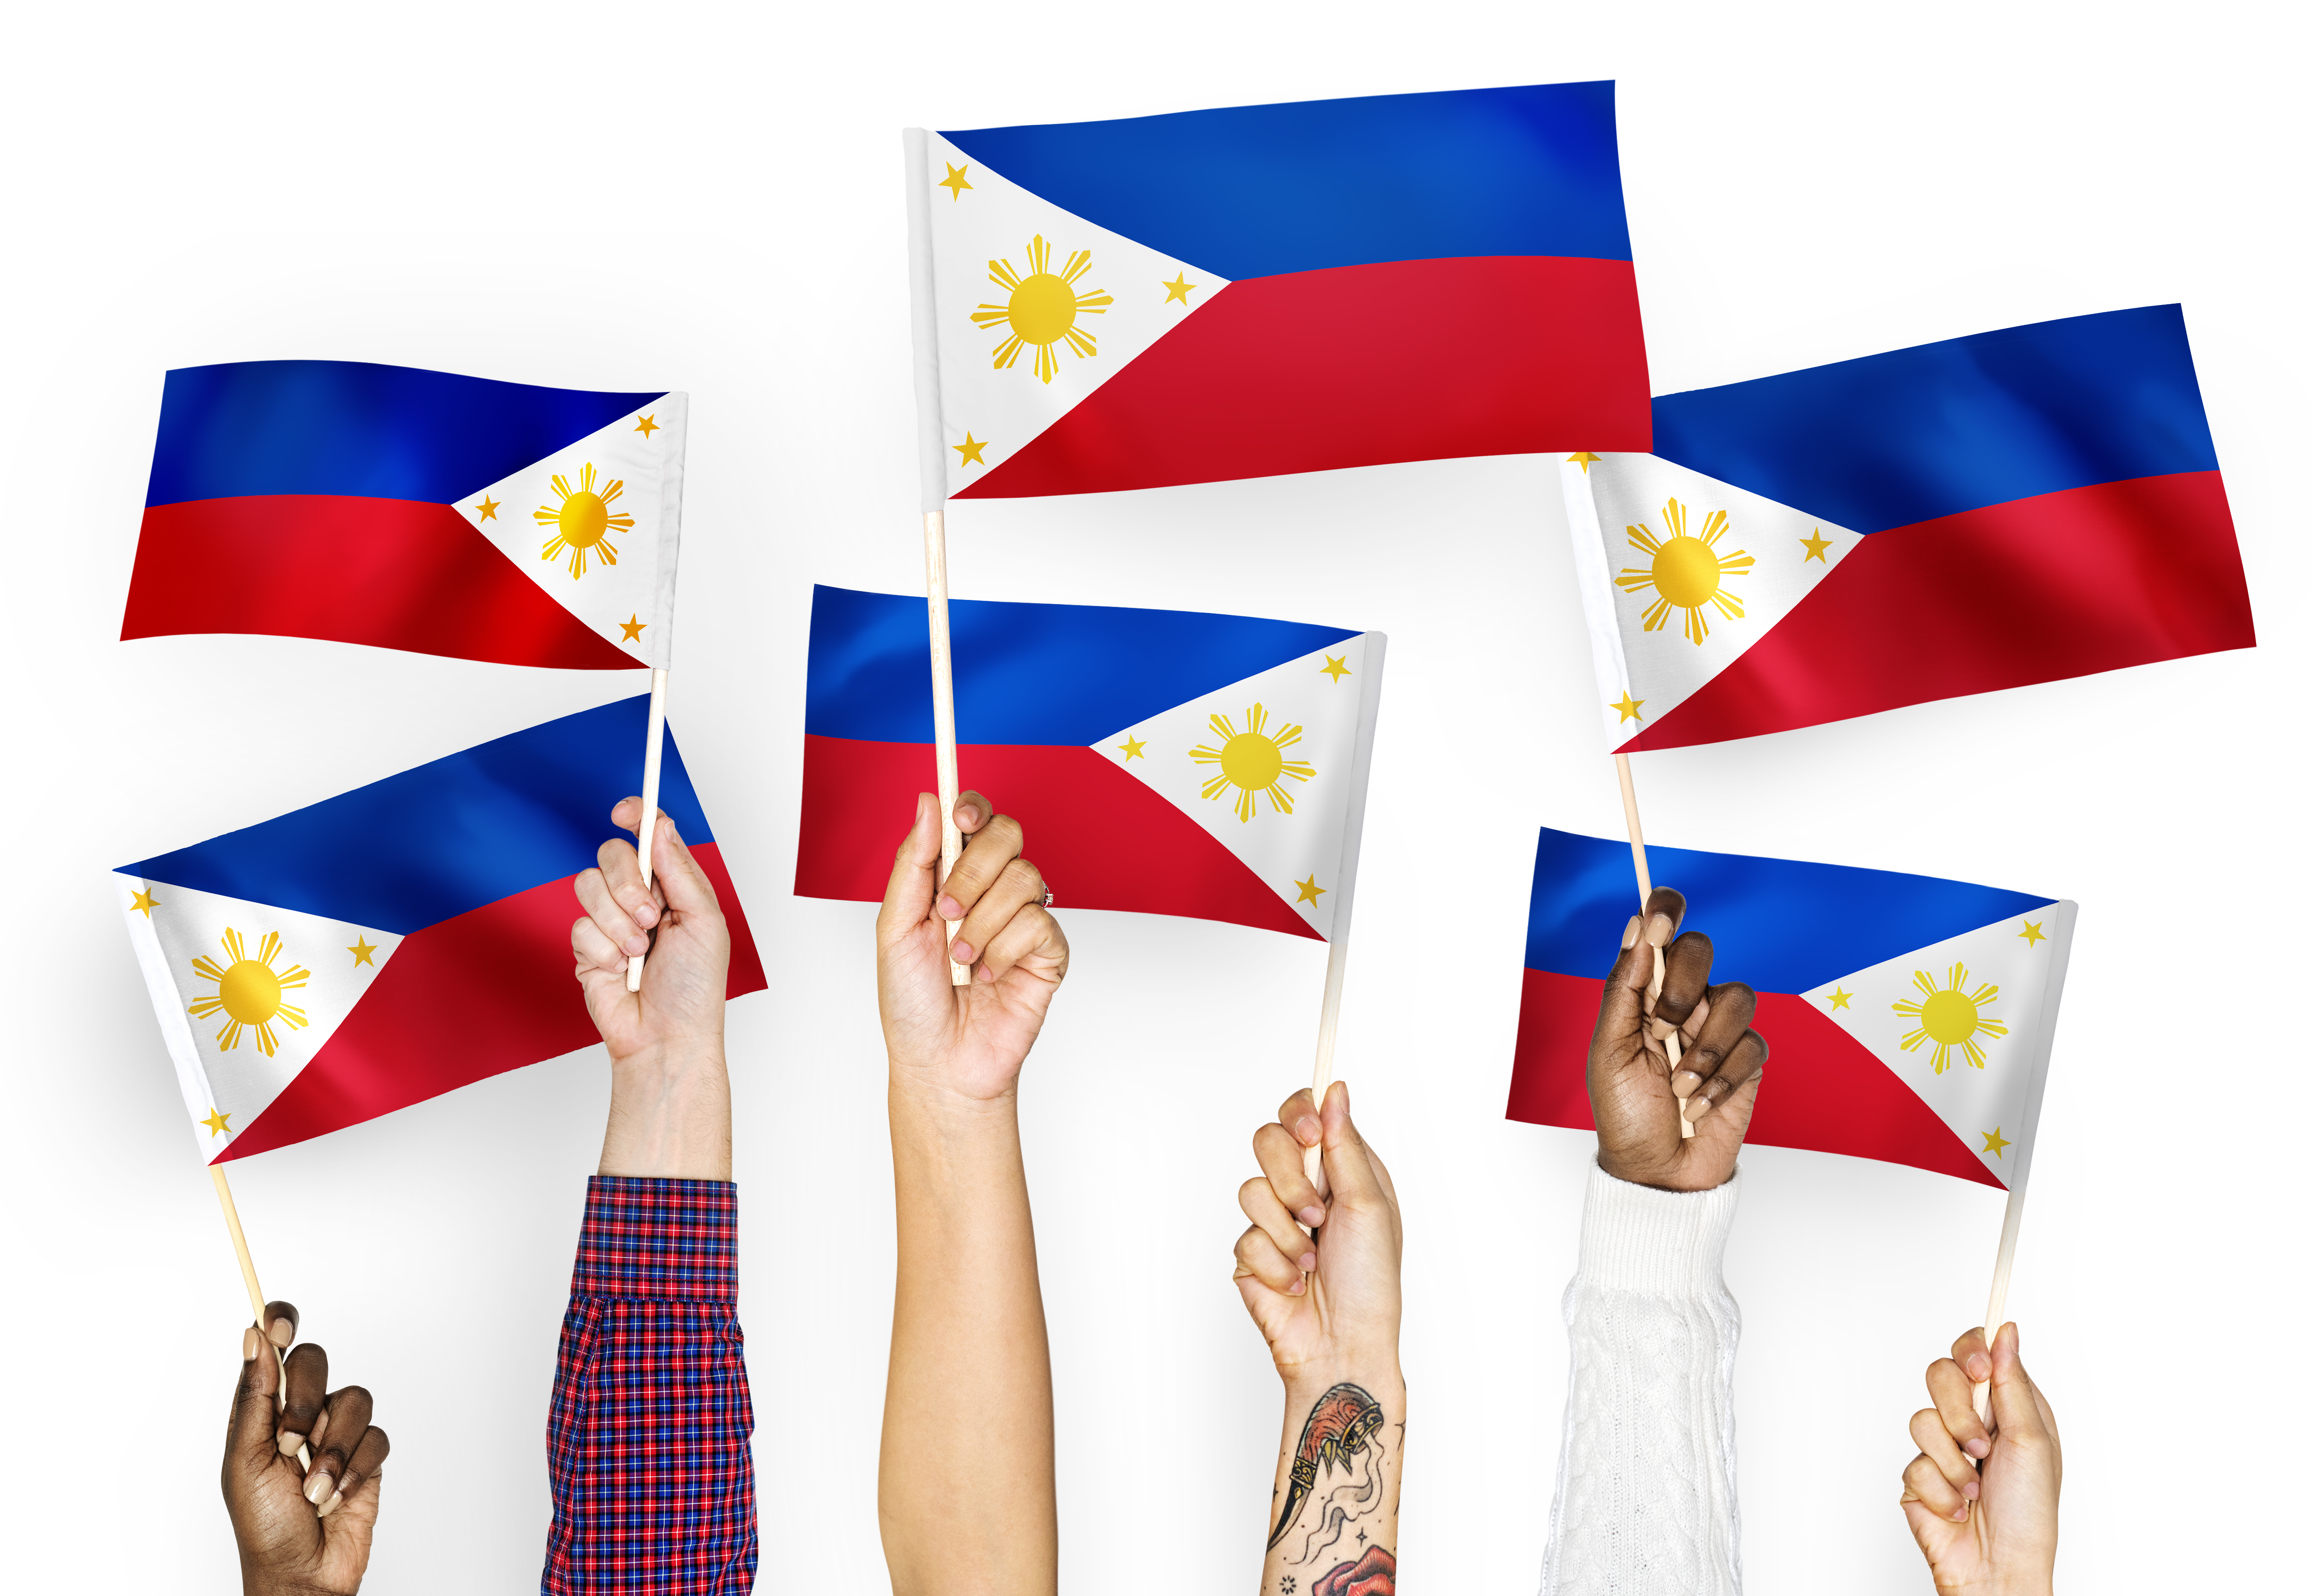 來菲律賓創業的10個理由:菲律賓創業趨勢篇-快速發展產業分析 @東南亞投資報告